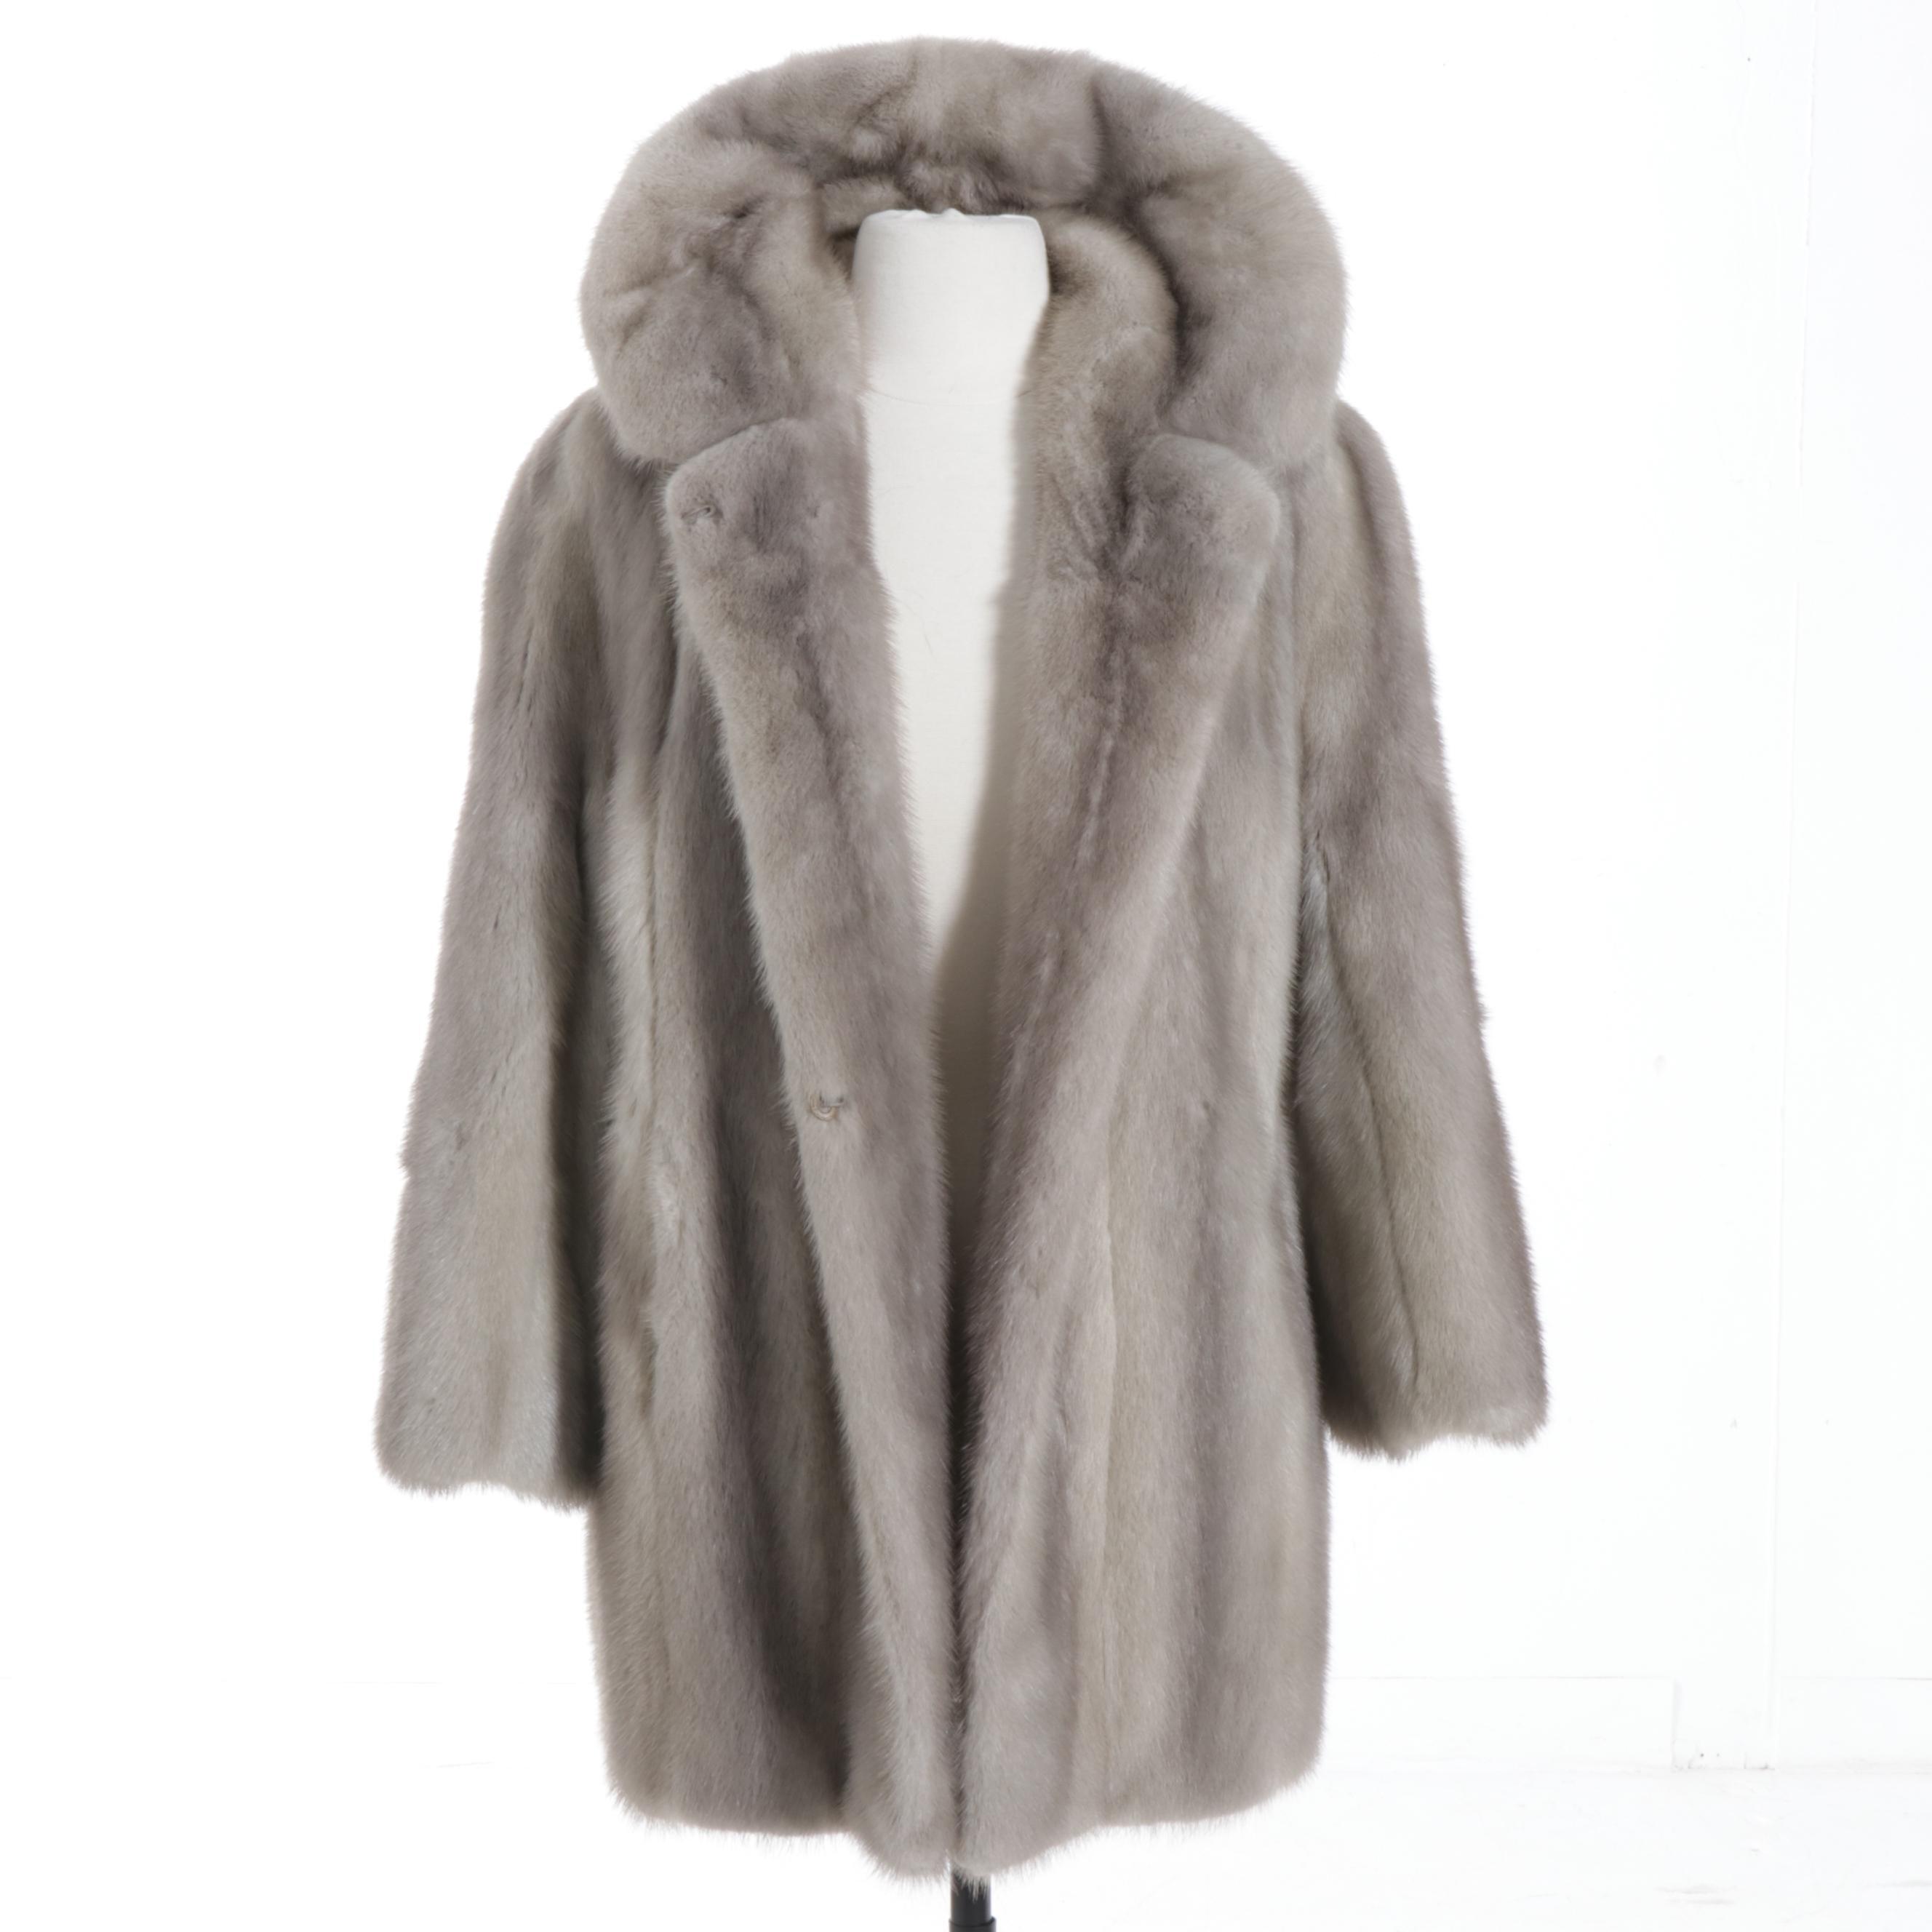 Cerulean Mink Fur Coat by Hamilton Furs, Vintage